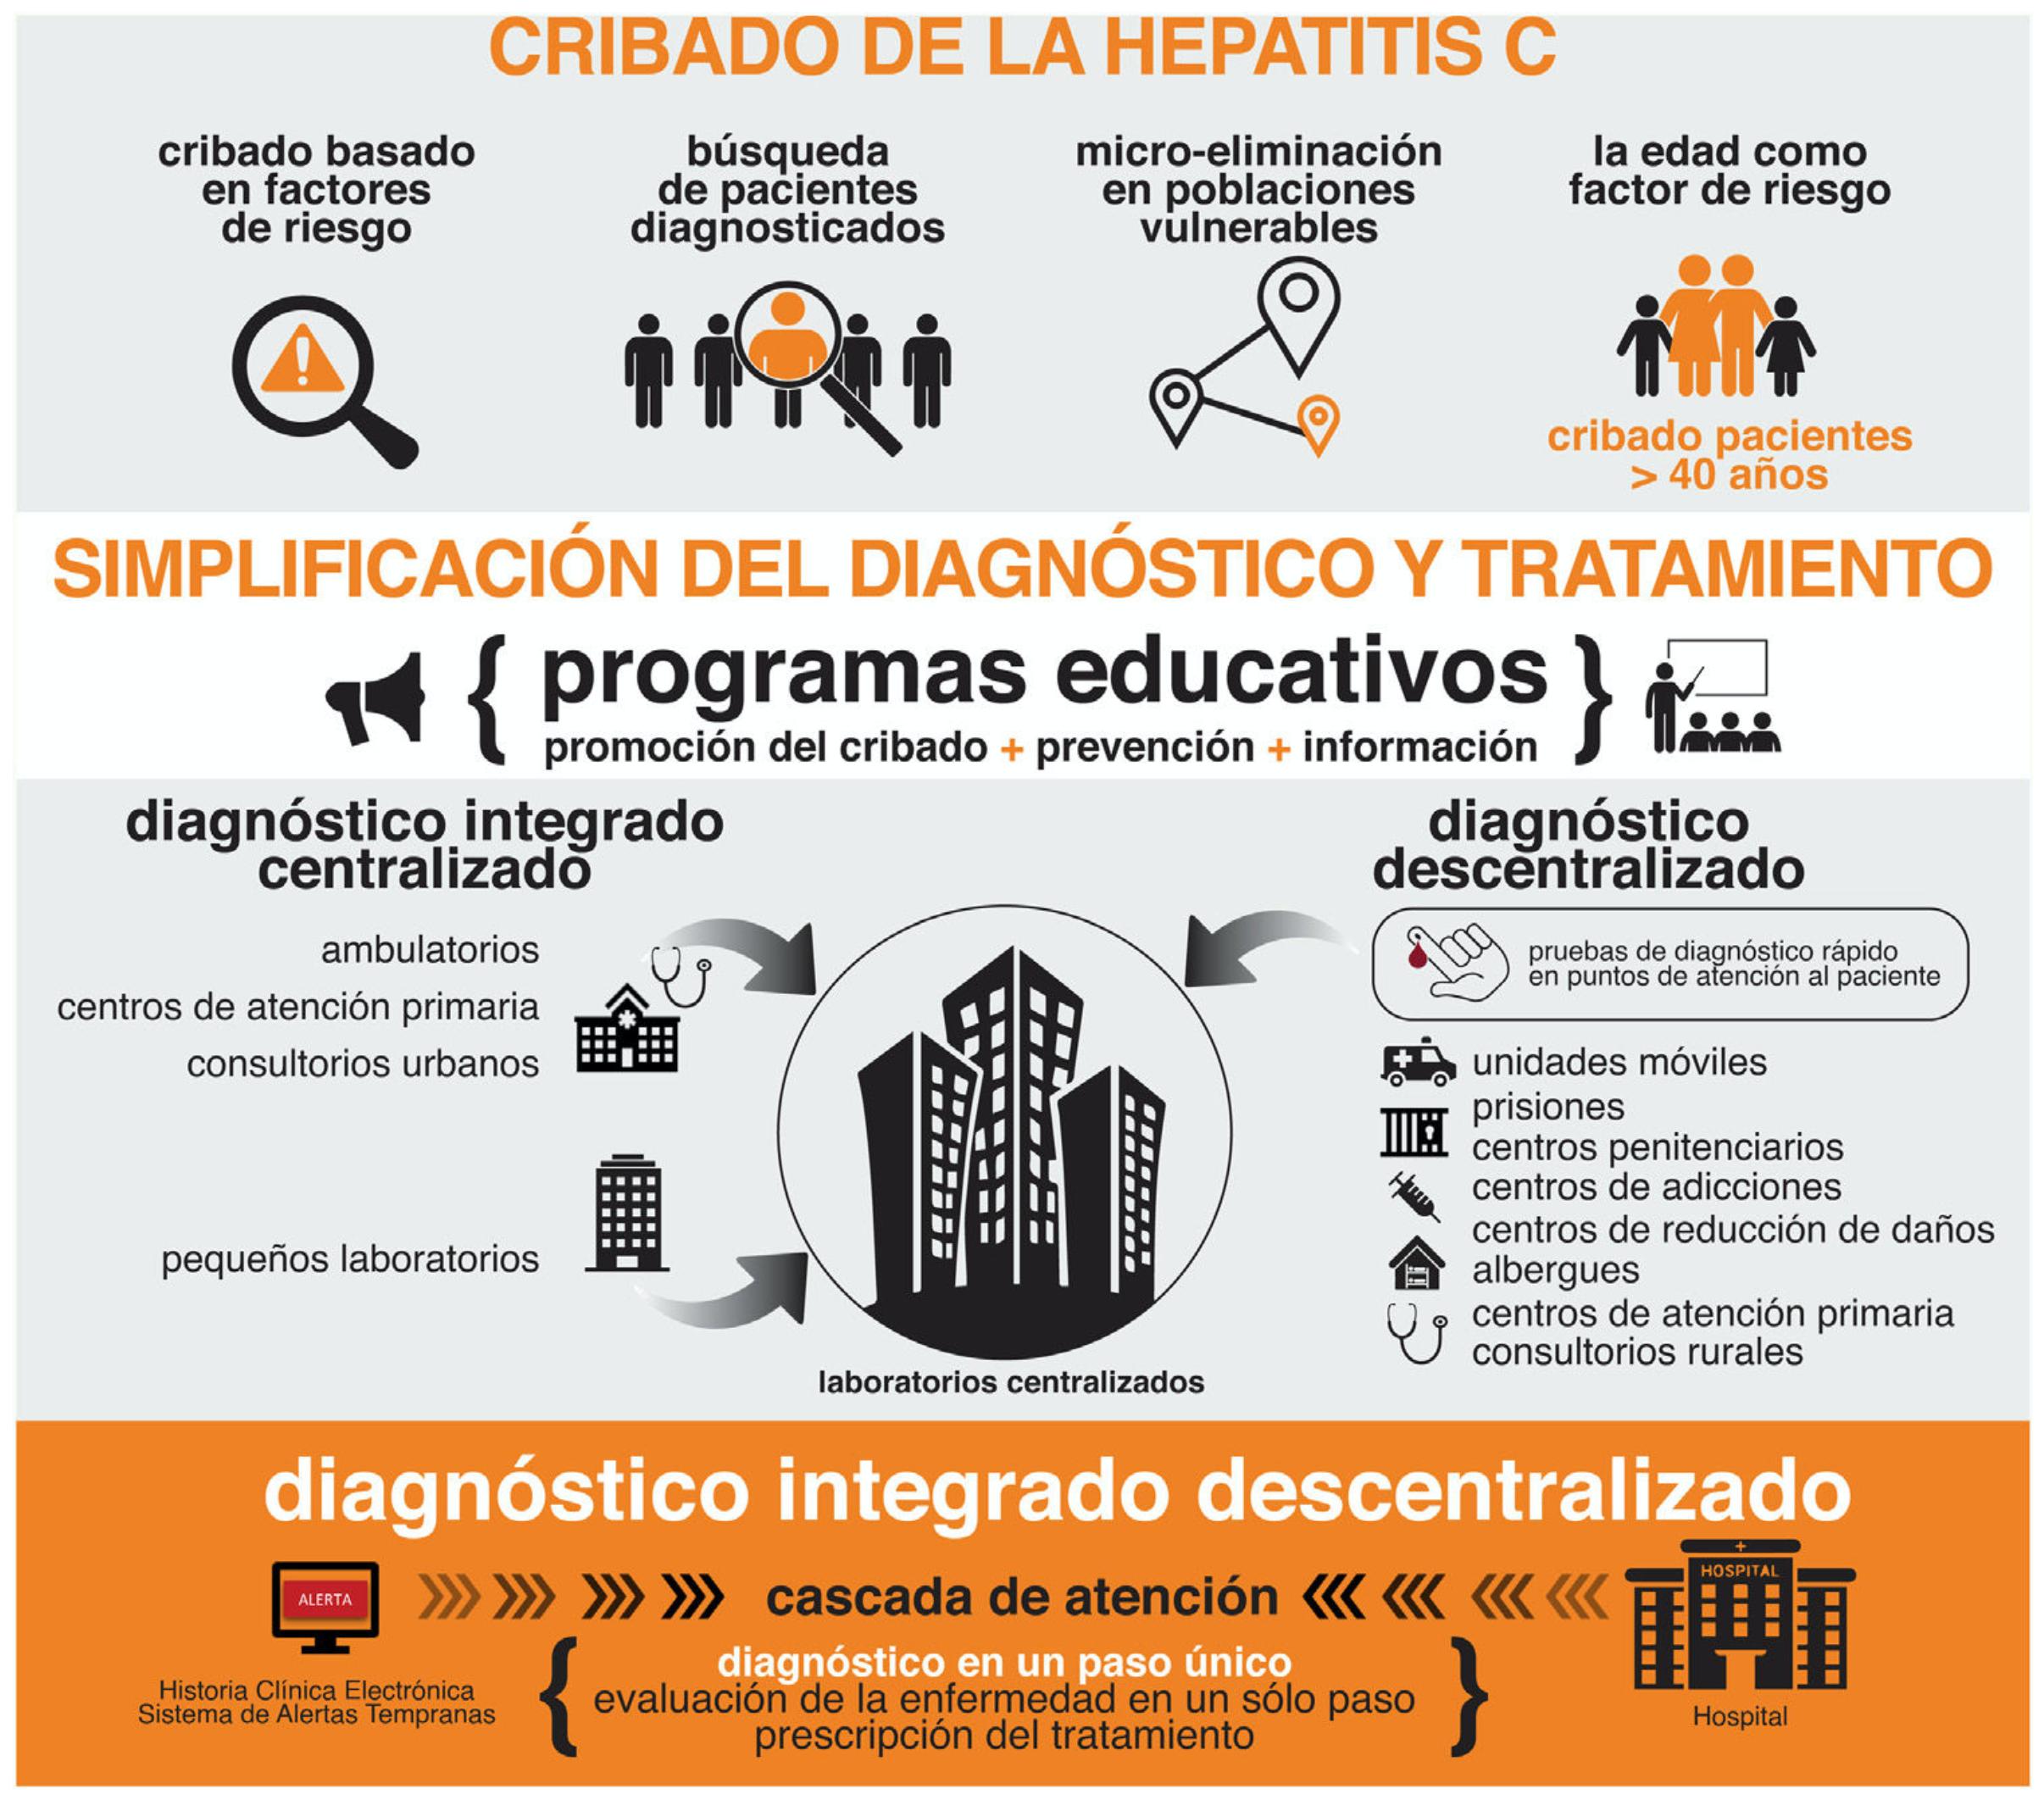 Eliminación de la hepatitis C. Documentode posicionamiento de la Asociación Española para el Estudio del Hígado (AEEH)